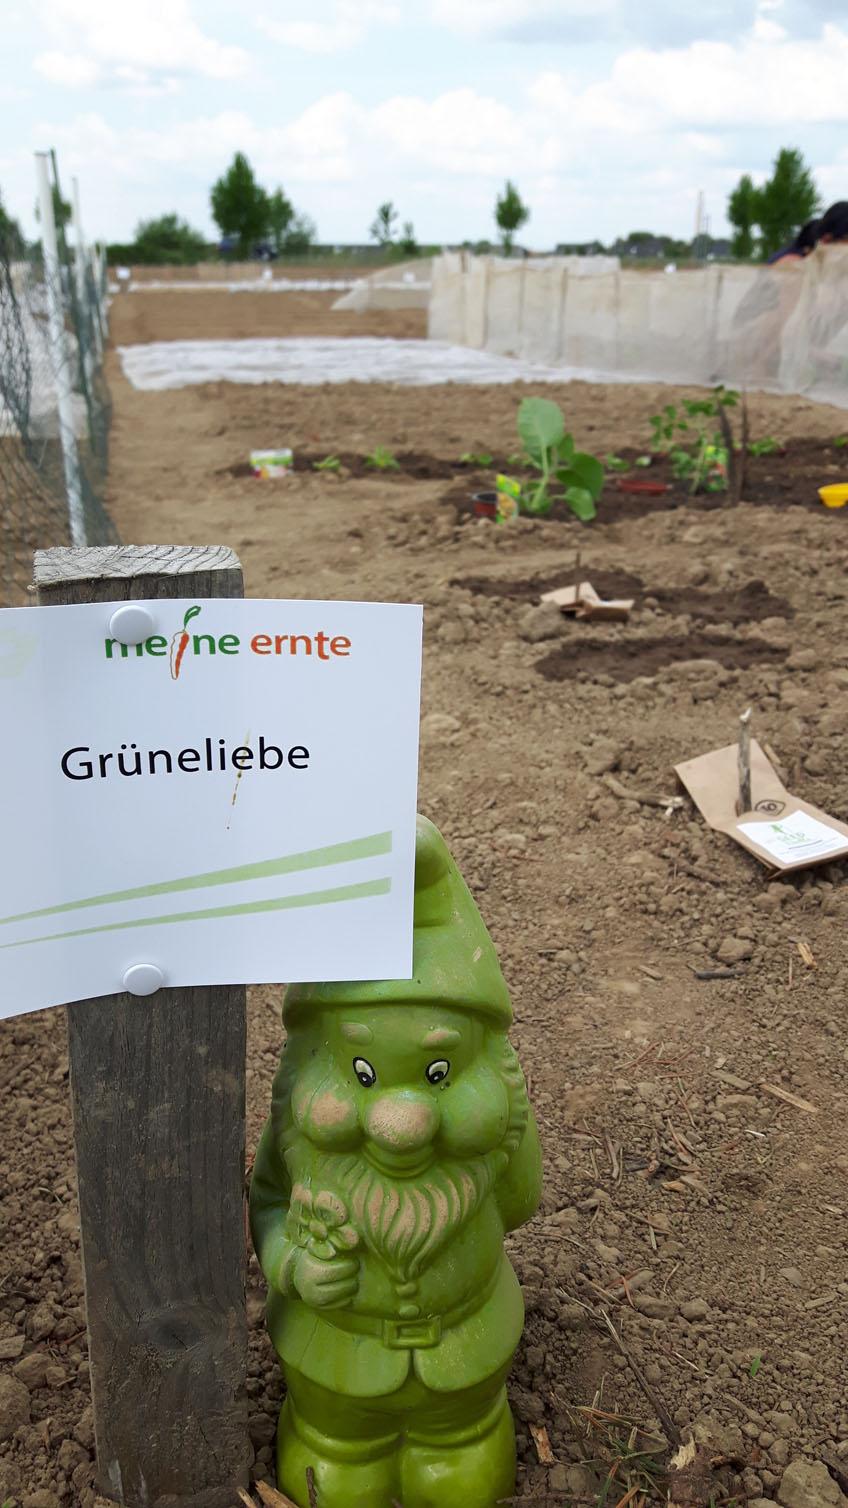 Grüneliebe Gartenzwerg